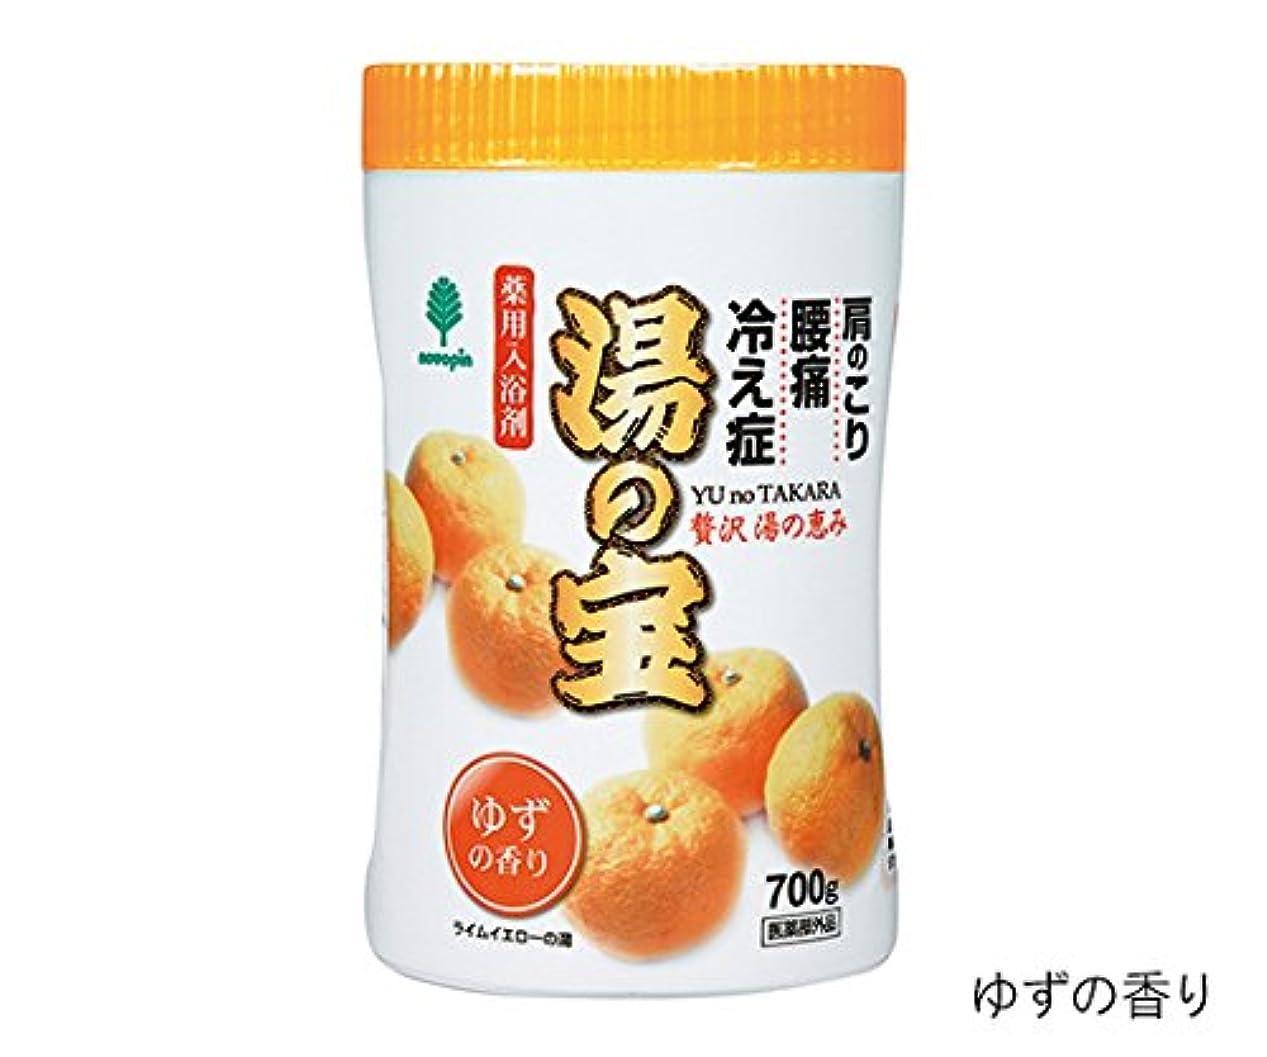 ナイロン侵入する神経紀陽除虫菊7-2542-01入浴剤(湯の宝)ゆずの香り700g